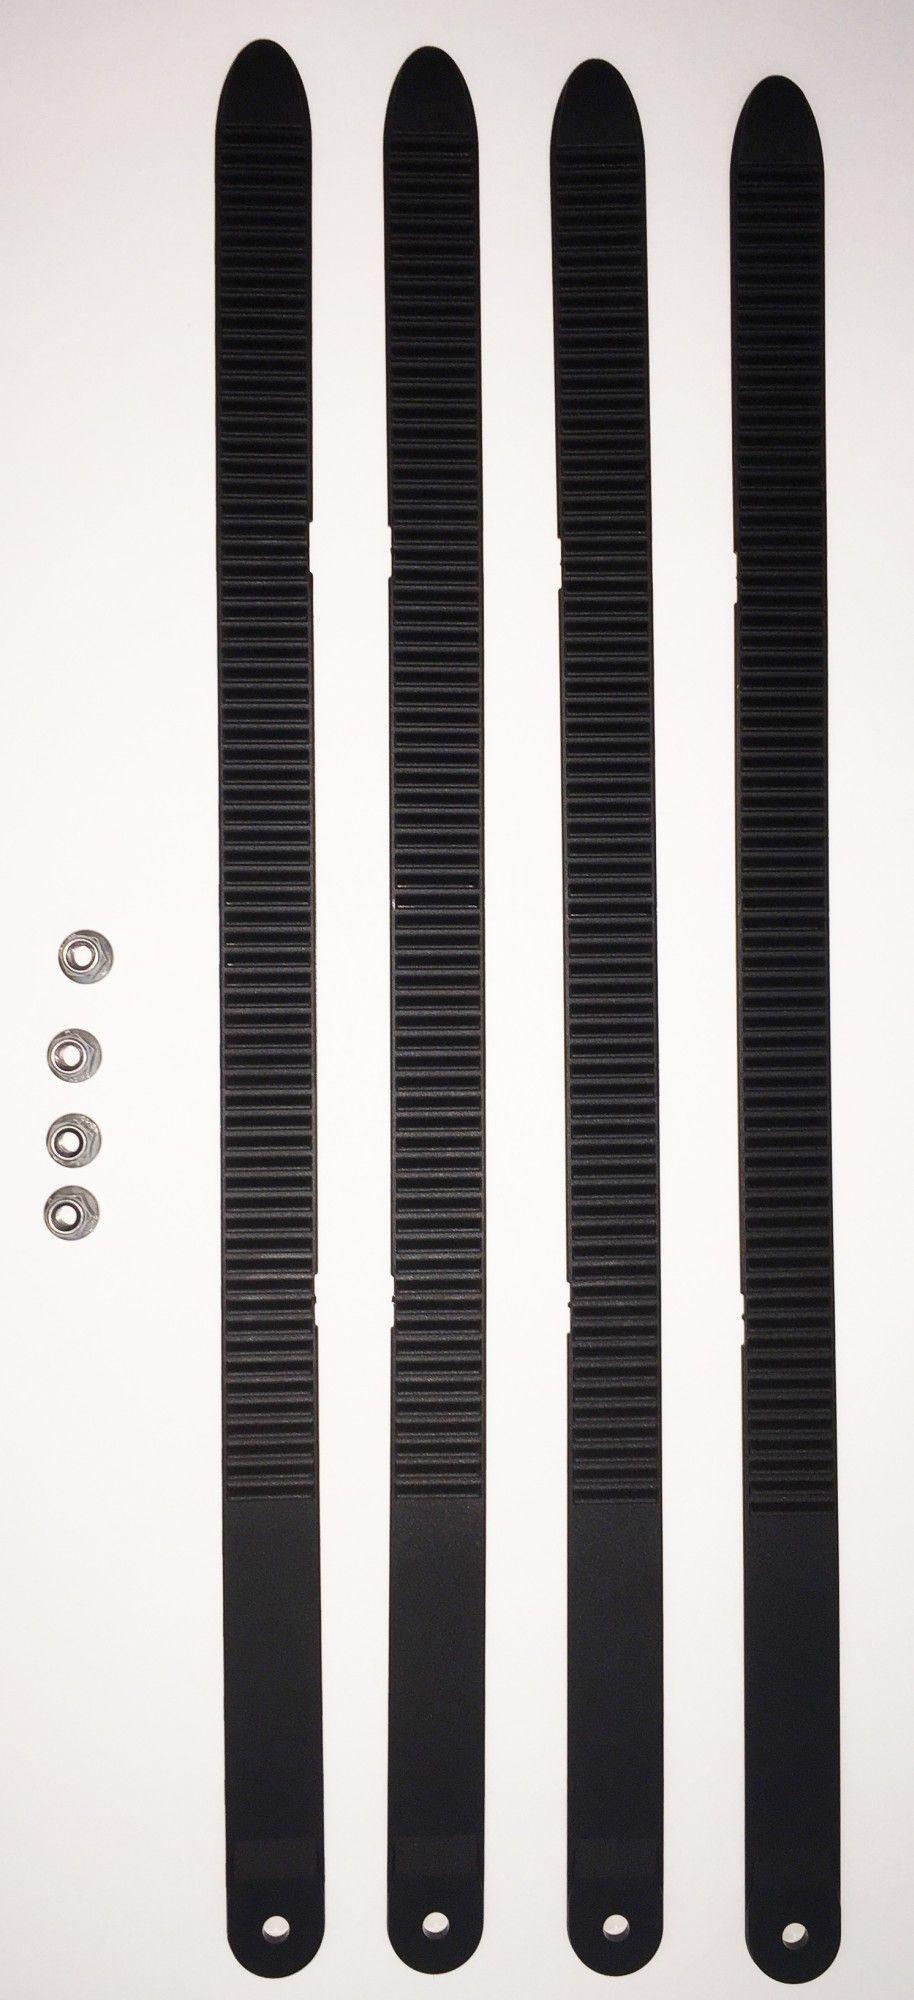 fahrradträgerzubehör: Uebler  4er Zahnbandsatz für Fatbike Transport 19870